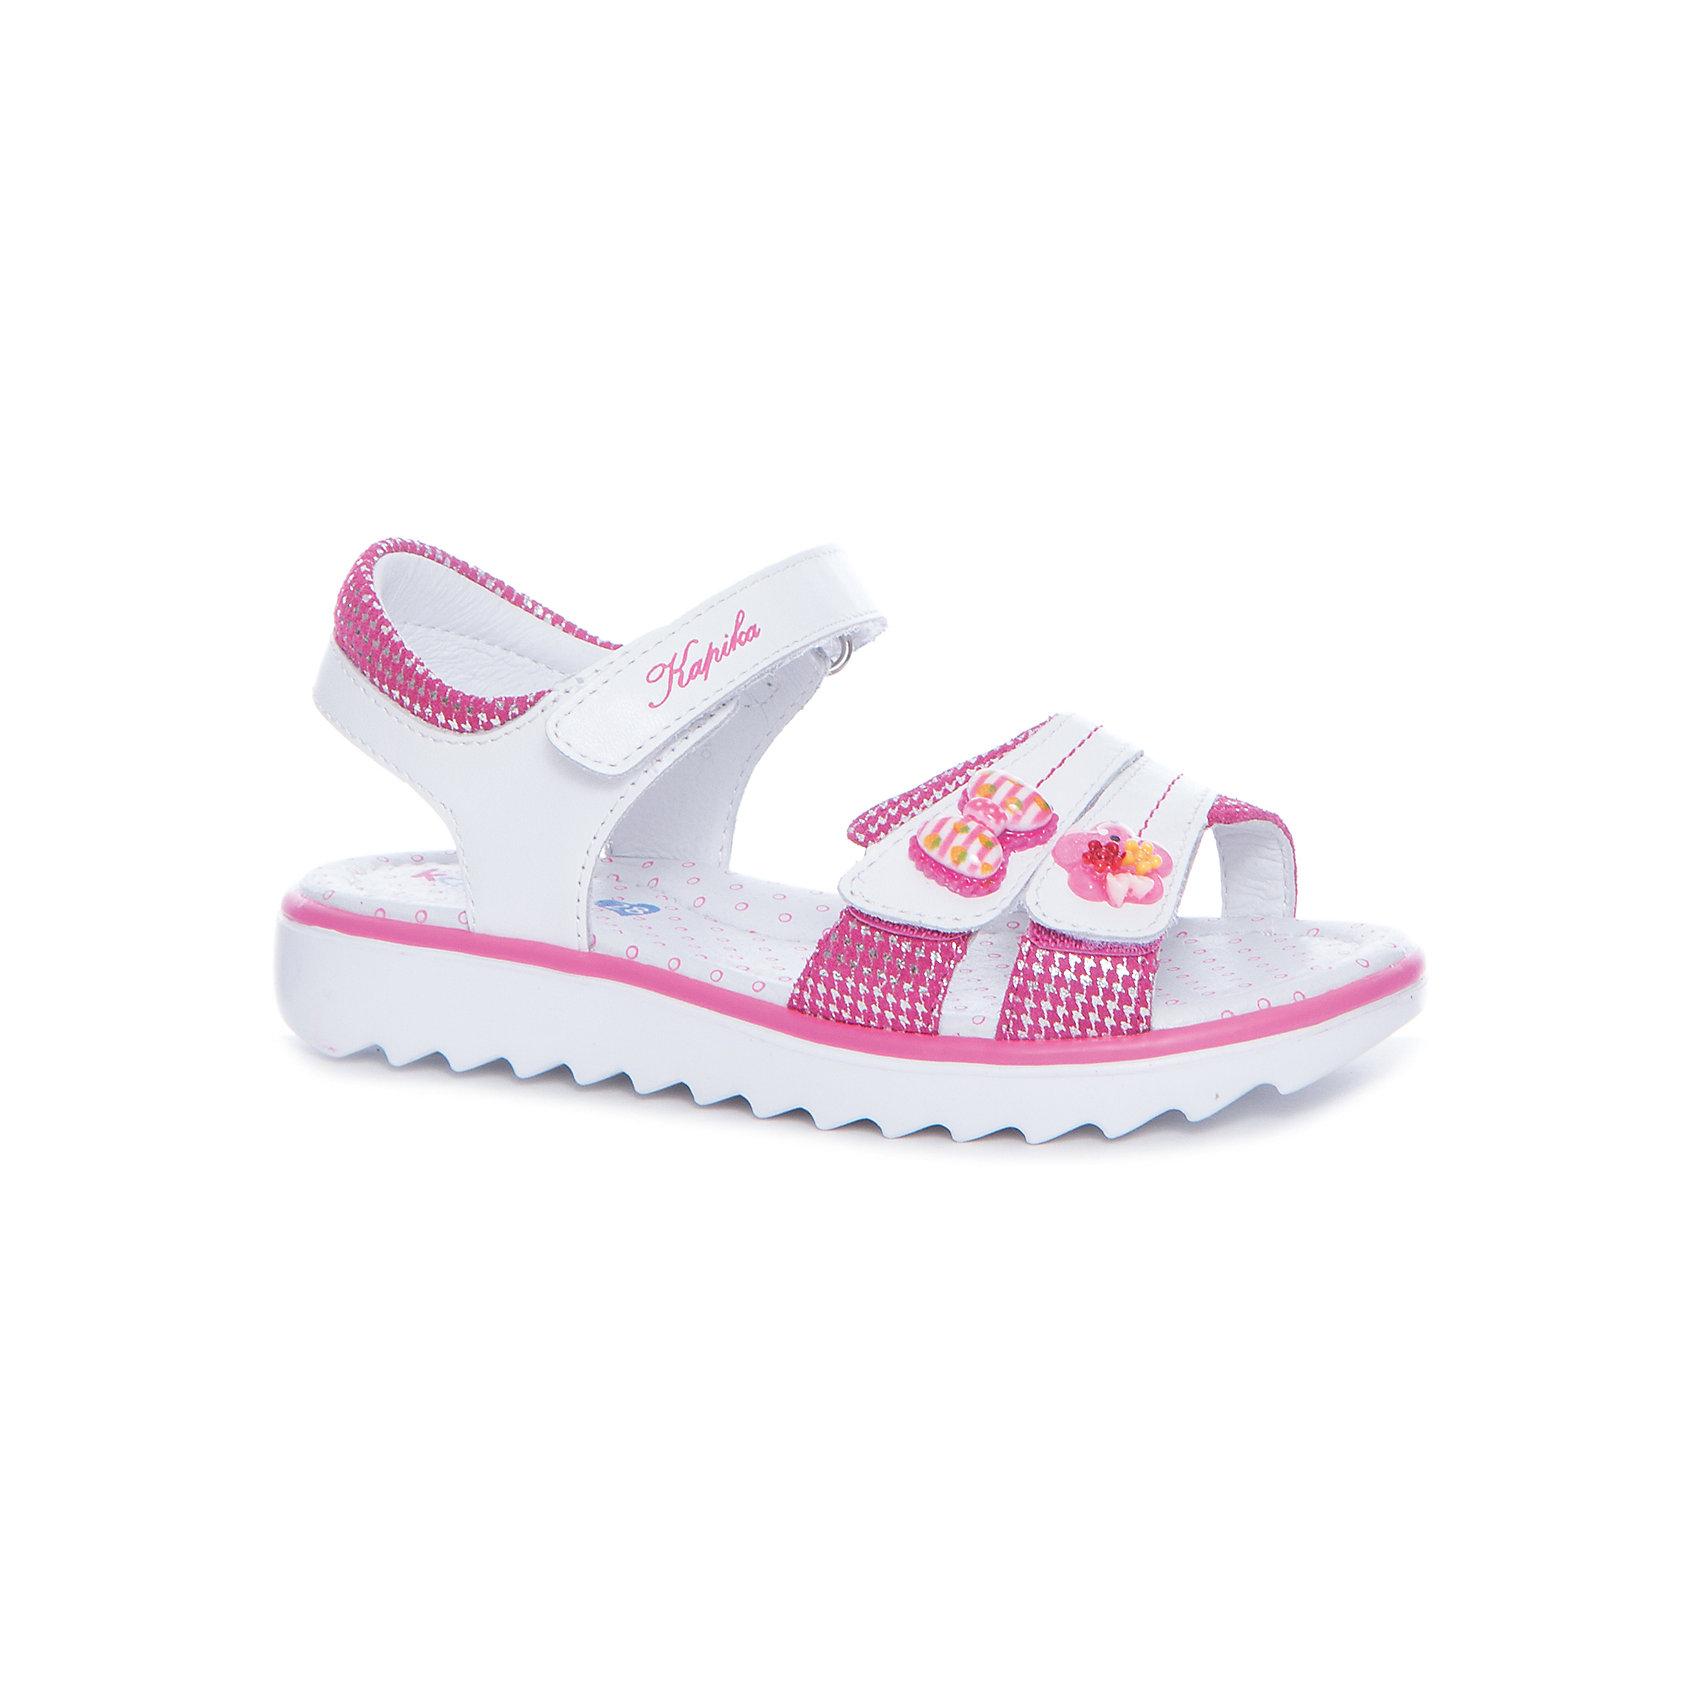 Босоножки  для девочки KAPIKA, розовыйБосоножки<br>Характеристики товара:<br><br>• цвет: розовый, белый<br>• тип обуви: анатомическая<br>• внешний материал обуви: натуральная кожа<br>• внутренний материал: натуральная кожа<br>• стелька: натуральная кожа<br>• подошва: ТЭП<br>• с открытым мысом и открытой пяткой<br>• тип застежки: на липучке<br>• сезон: лето<br>• страна бренда: Россия<br>• страна изготовитель: Китай<br><br>Босоножки с открытым мысом и пяткой для девочки от российского бренда Kapika (Капика) можно купить в нашем интернет-магазине.<br><br>Ширина мм: 227<br>Глубина мм: 145<br>Высота мм: 124<br>Вес г: 325<br>Цвет: розовый/белый<br>Возраст от месяцев: 108<br>Возраст до месяцев: 120<br>Пол: Женский<br>Возраст: Детский<br>Размер: 33,28,29,30,31,32<br>SKU: 5323801